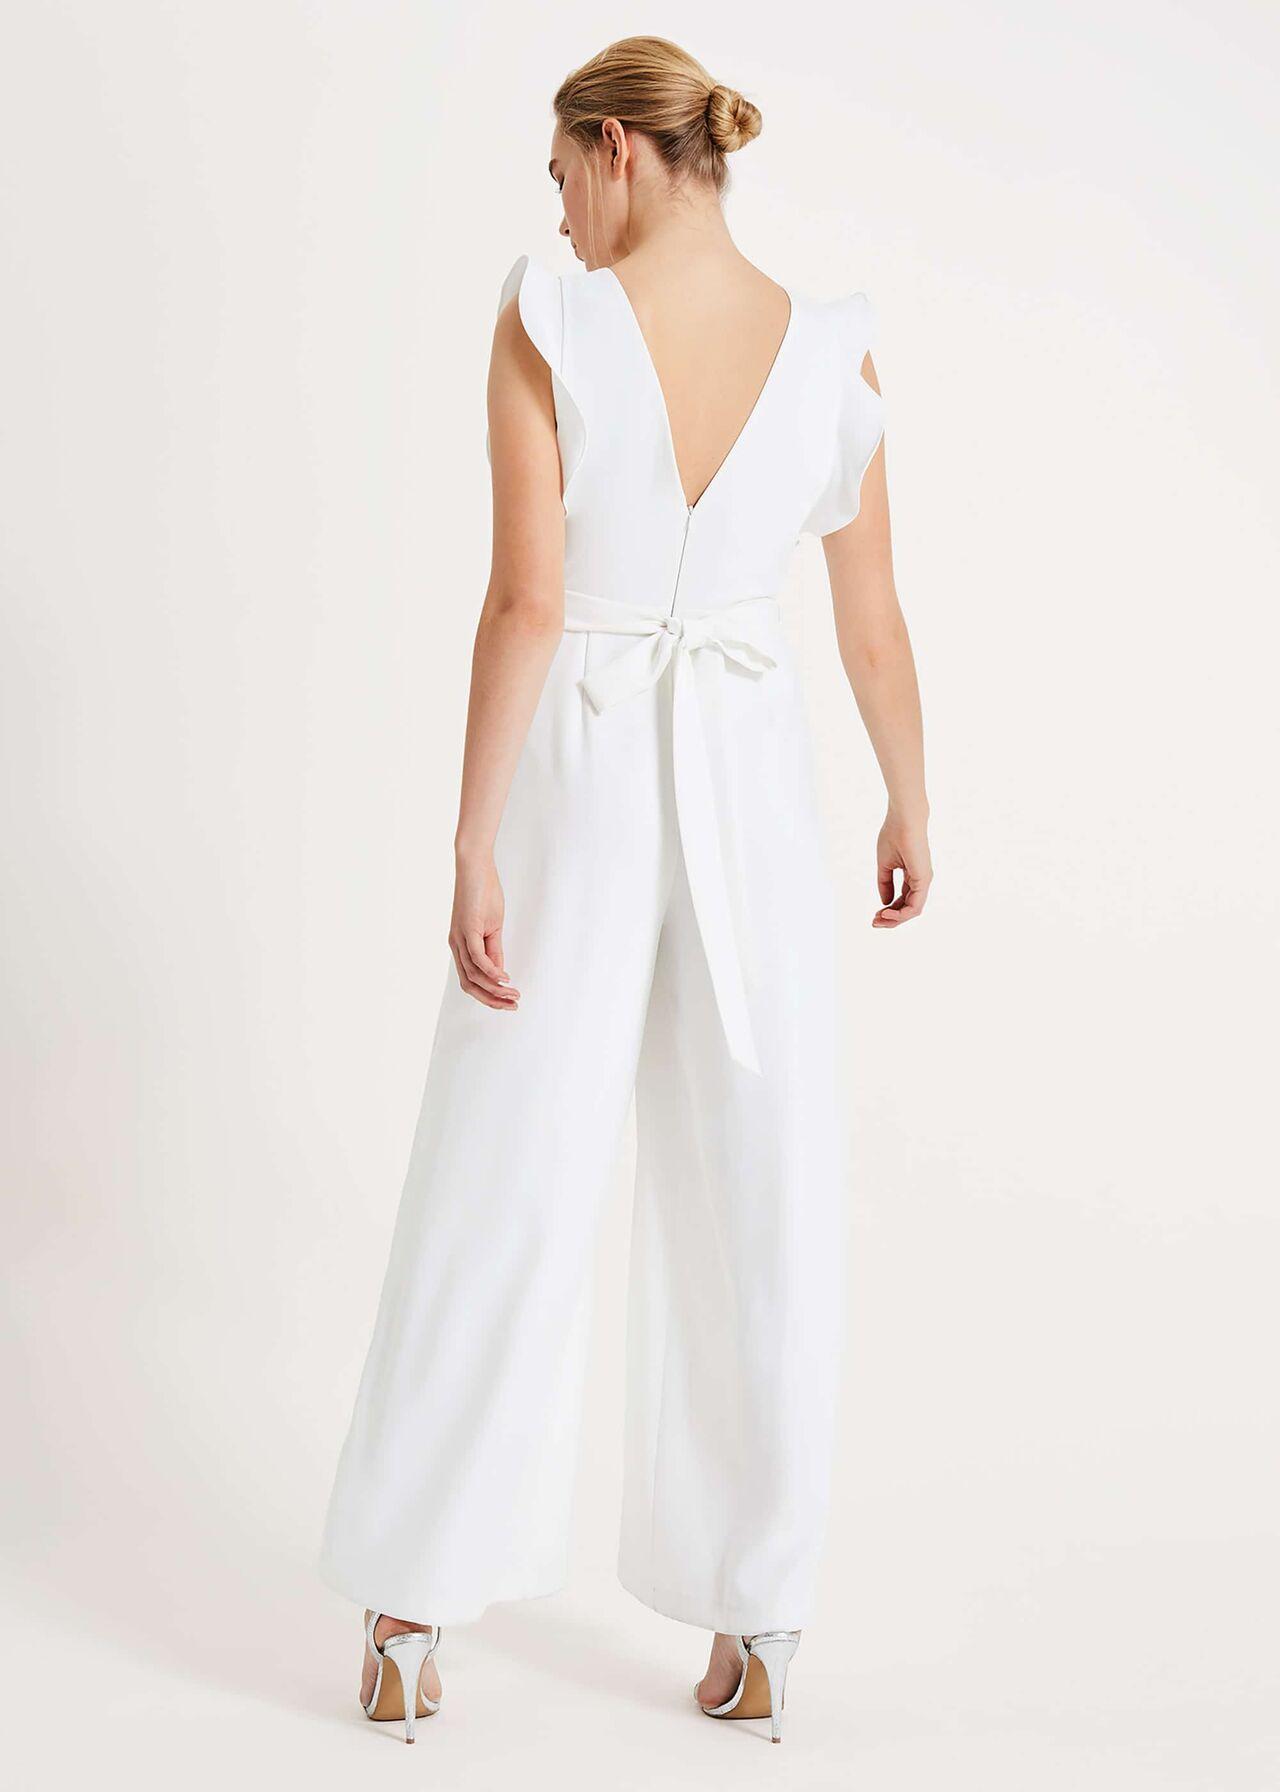 206292106-05-victoriana-bridal-jumpsuit.jpg